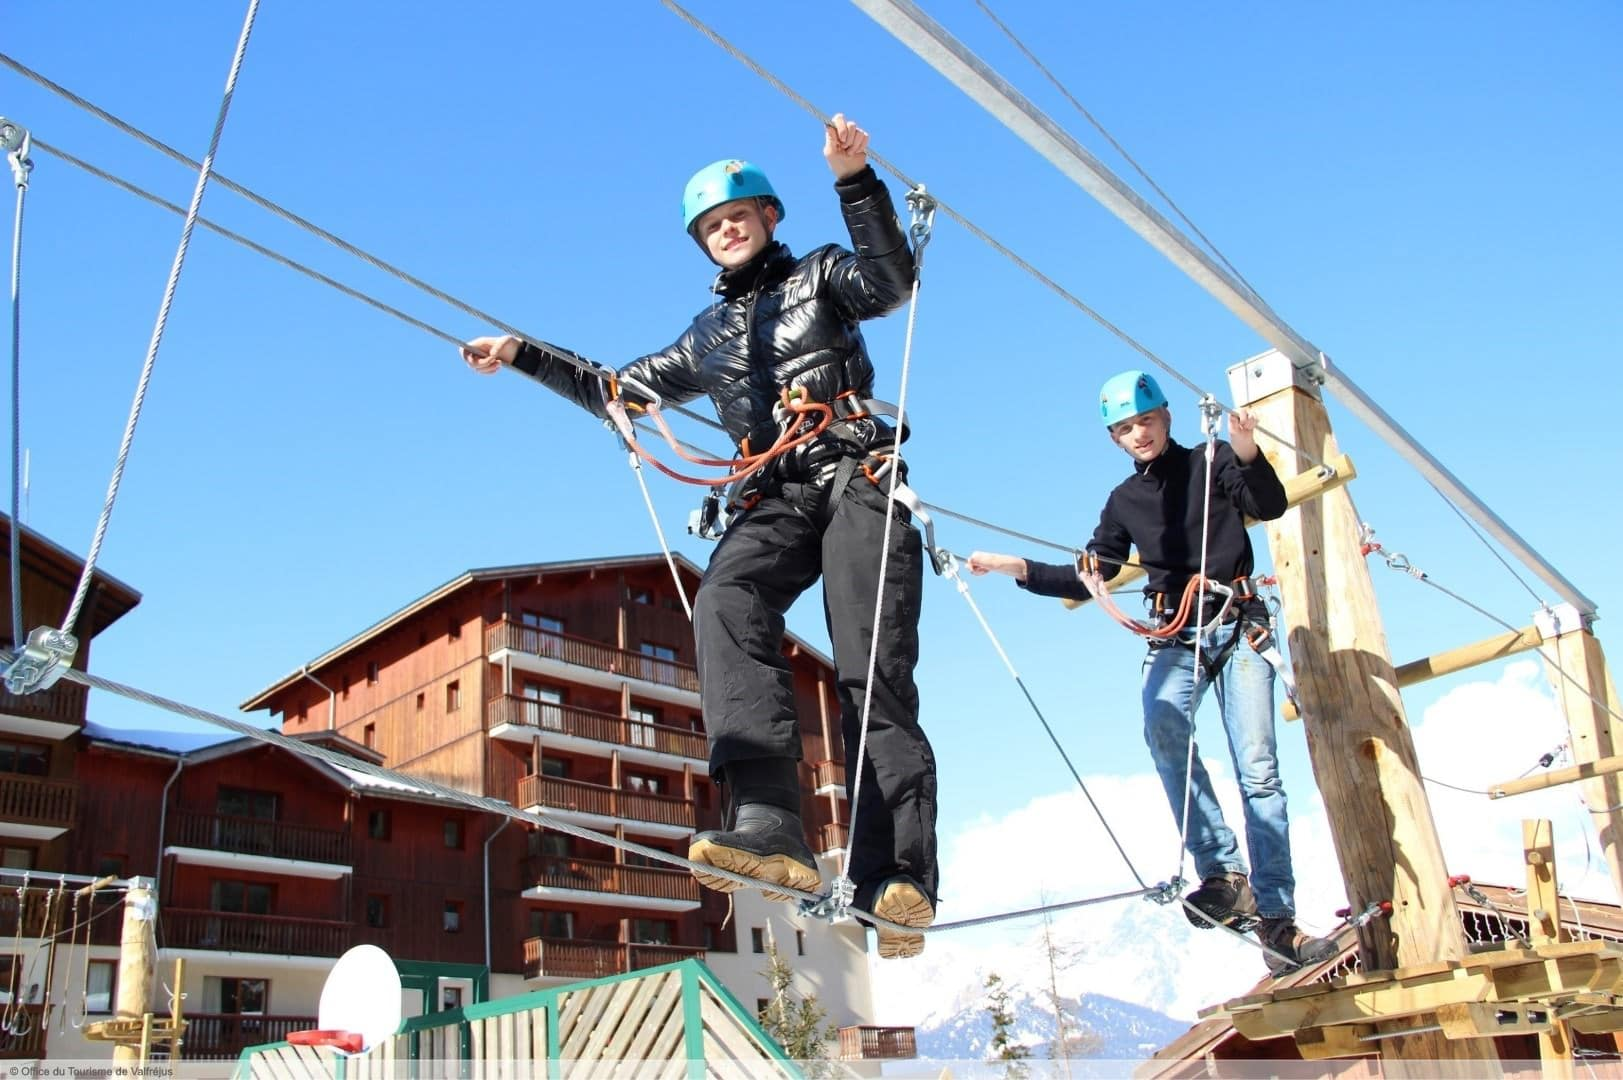 après-ski in Valfréjus